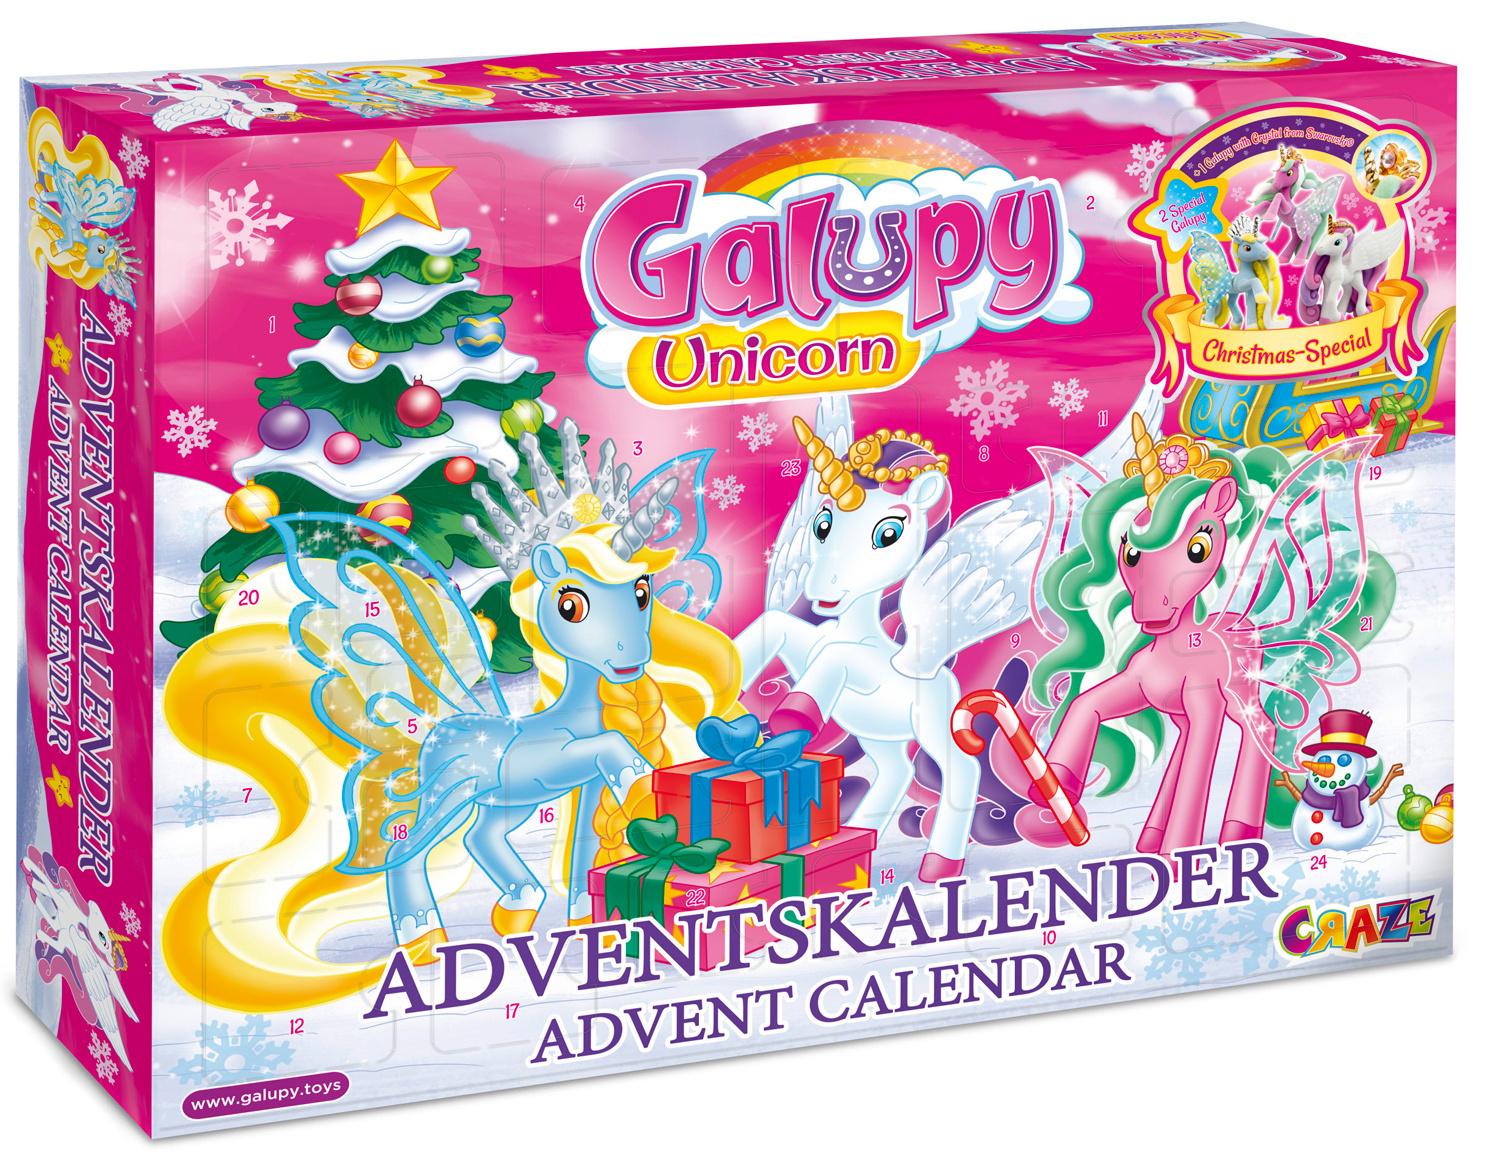 CRAZE Adventskalender GALUPY Unicorn Glitzerpferde Einhorn Weihnachtskalender